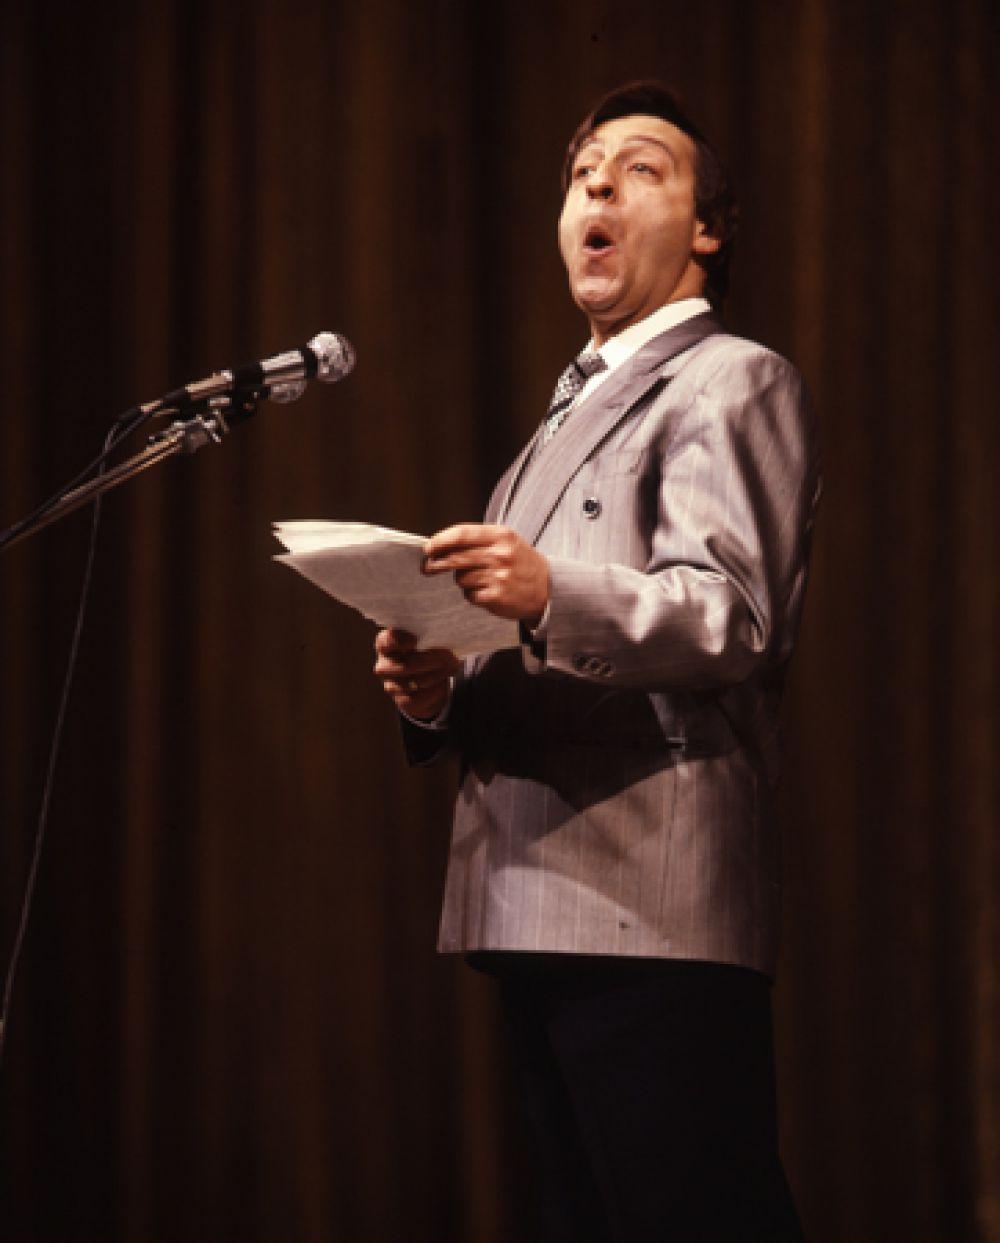 В 1975 году Хазанову пришёл всесоюзный успех — по телевидению показали его монолог студента кулинарного техникума, и Хазанов прославился на весь Советский Союз. Геннадий Хазанов стал звездой советской репризы. Сейчас этот жанр назвали бы stand up comedy.